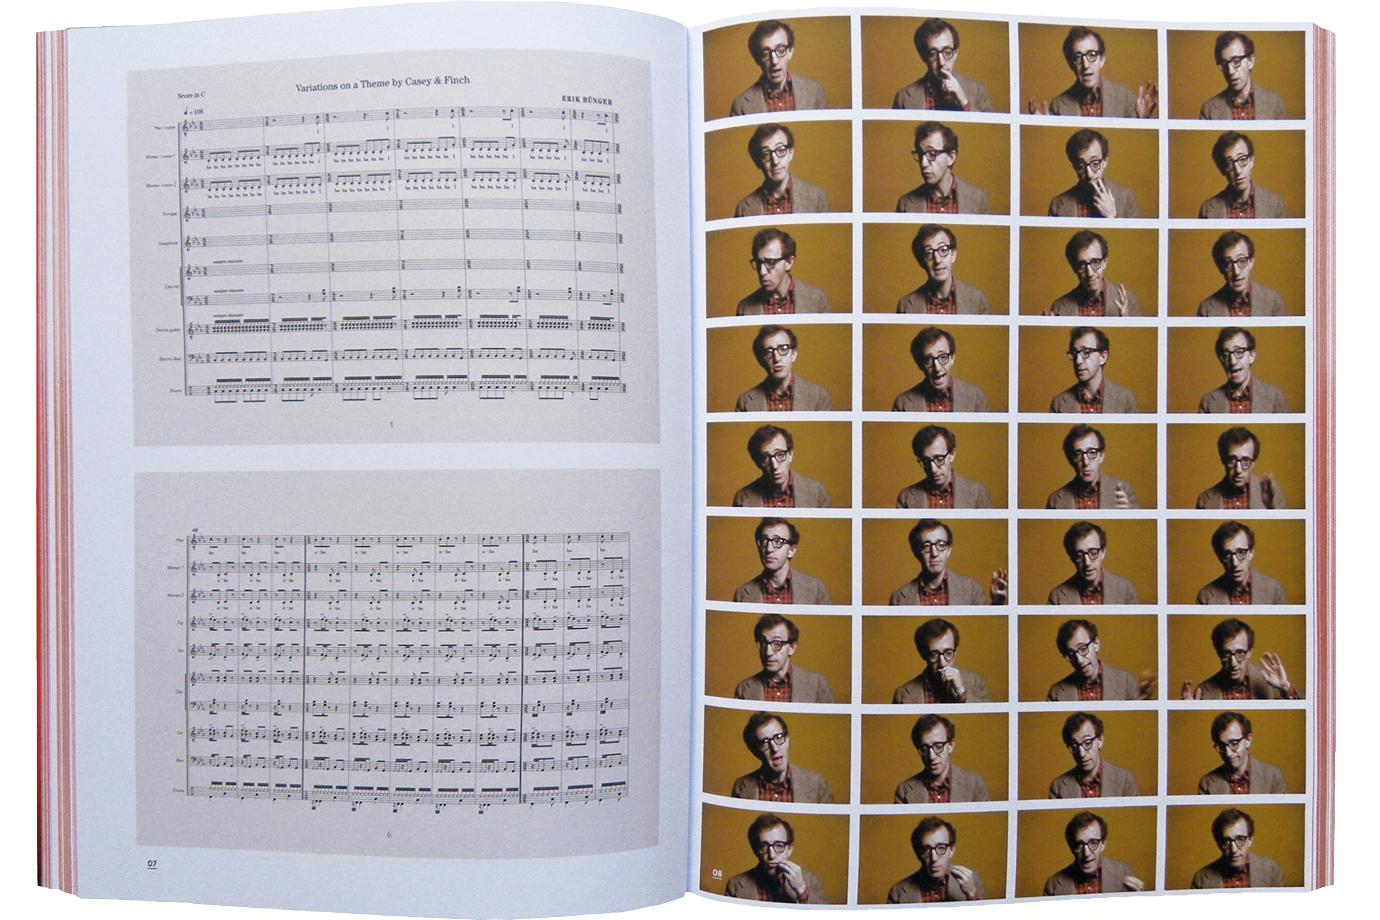 http://e-o-t.de/wordpress/wp-content/uploads/2017/07/eot-2011_Ars-Viva_Book_10.jpg